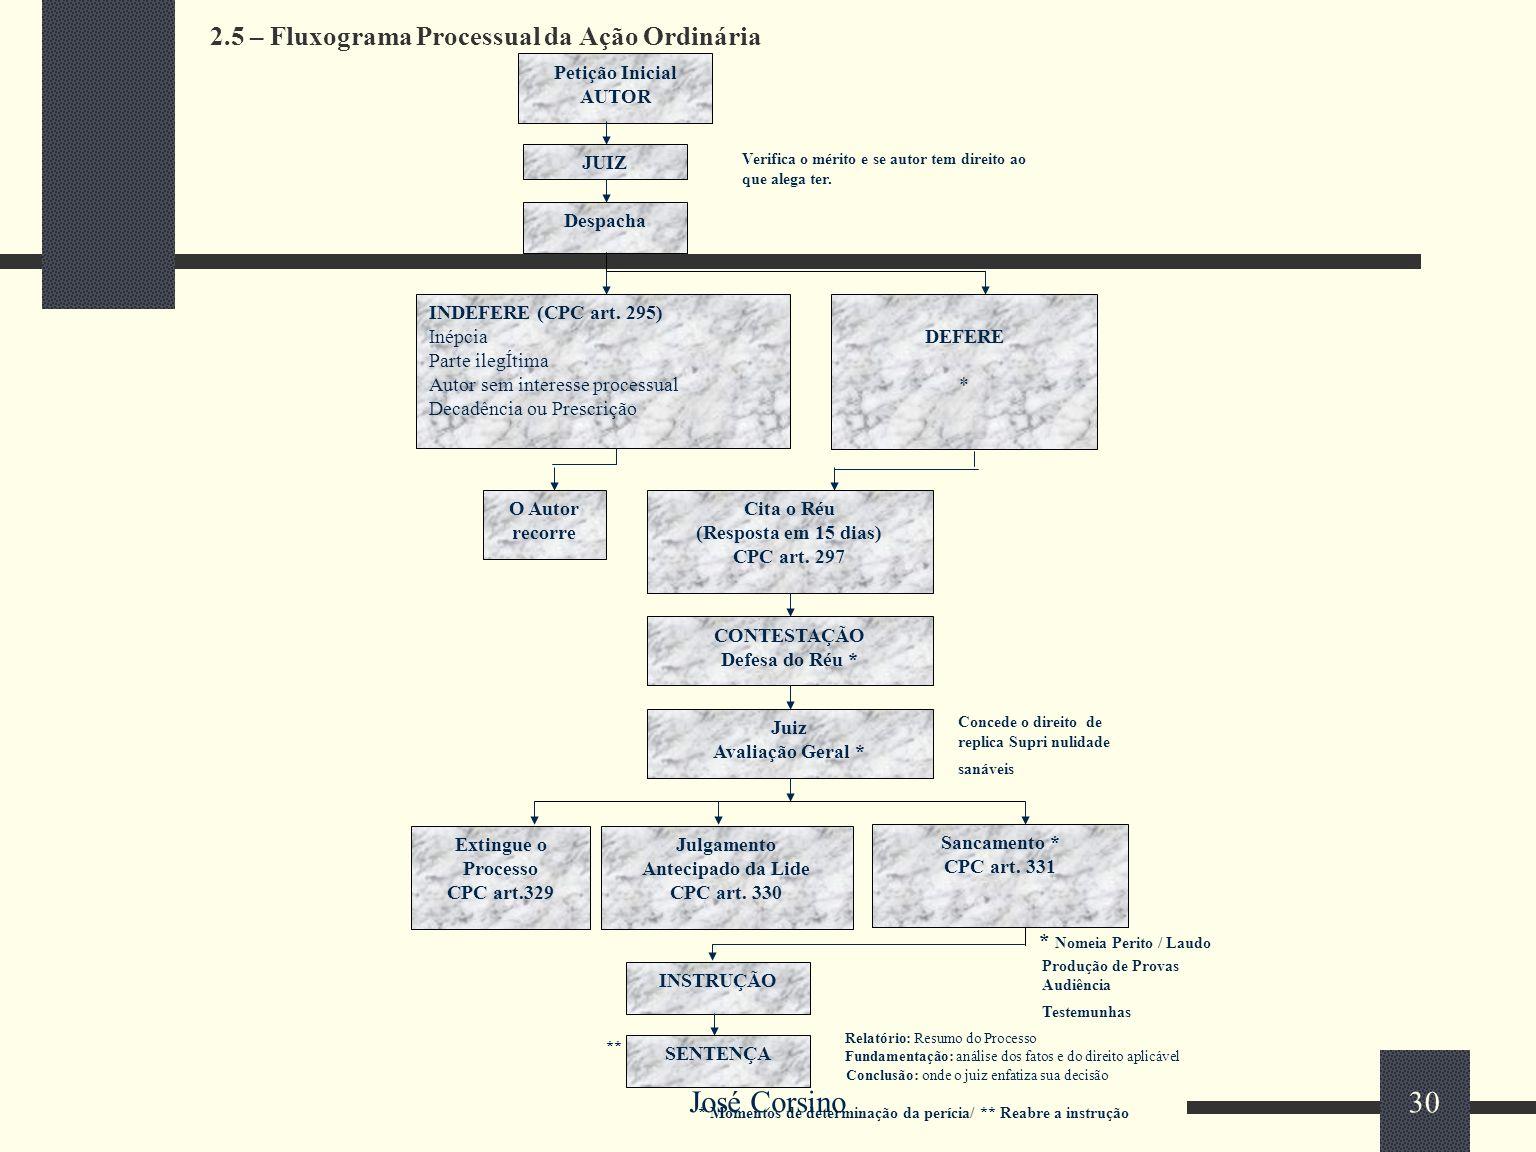 José Corsino 29 2.4.2 – Procedimento Especial Regulado a partir do art. 890 do CPC, abrangendo tanto a jurisdição contenciosa – arts. 890 a 1.102 do C